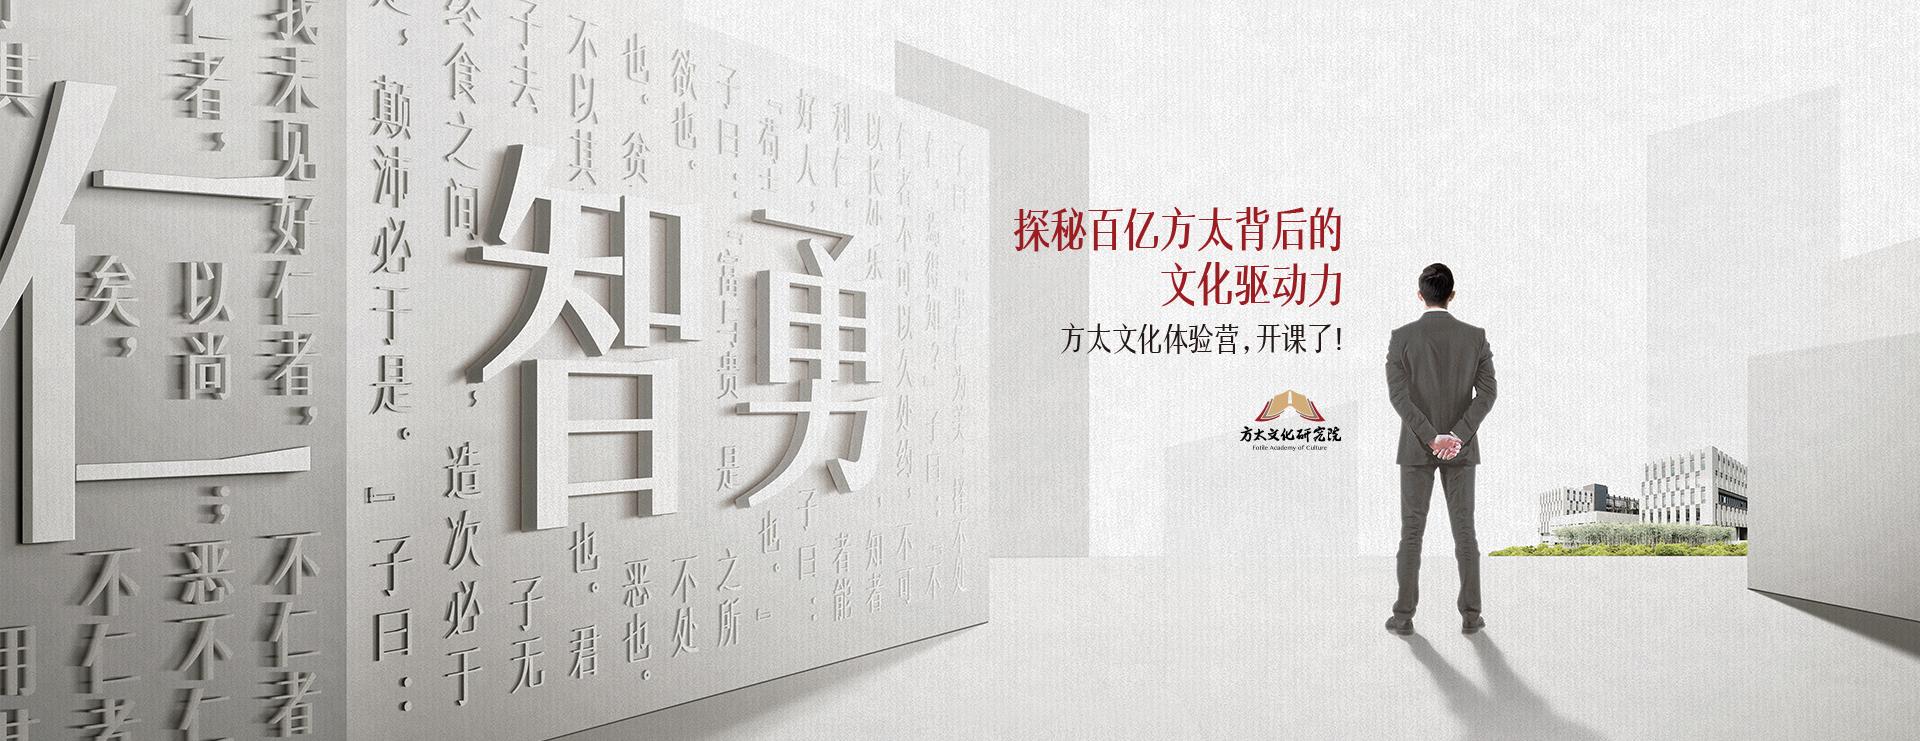 首期方太文化体验营顺利举办